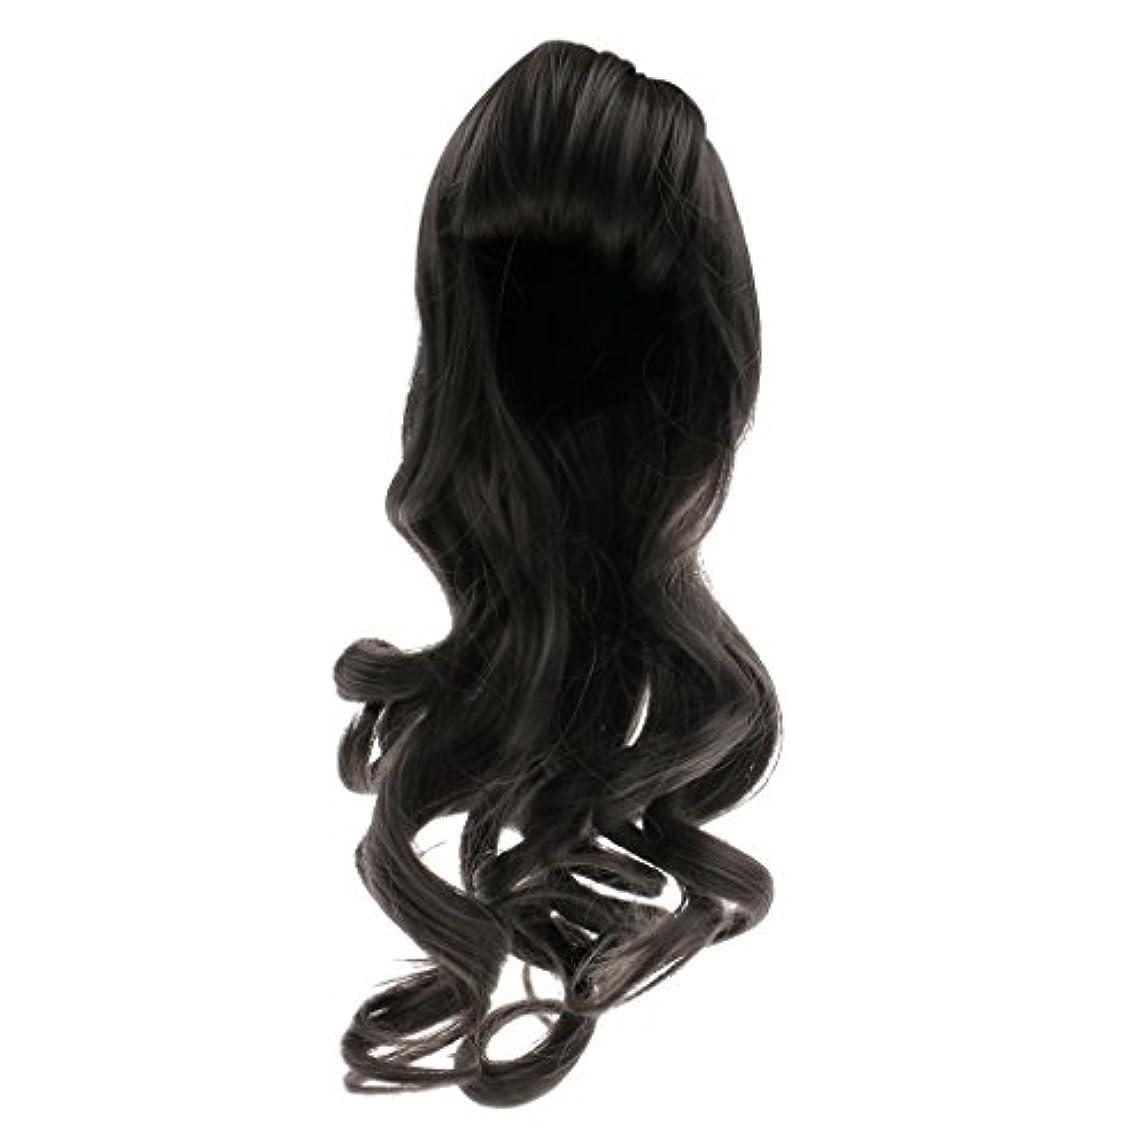 安らぎ侵略明るくするBlesiya 人形用 ドールウィッグ かつら 巻き毛 波状髪 セクシー 前髪 ブライス人形適用 全6色選べ  - #1